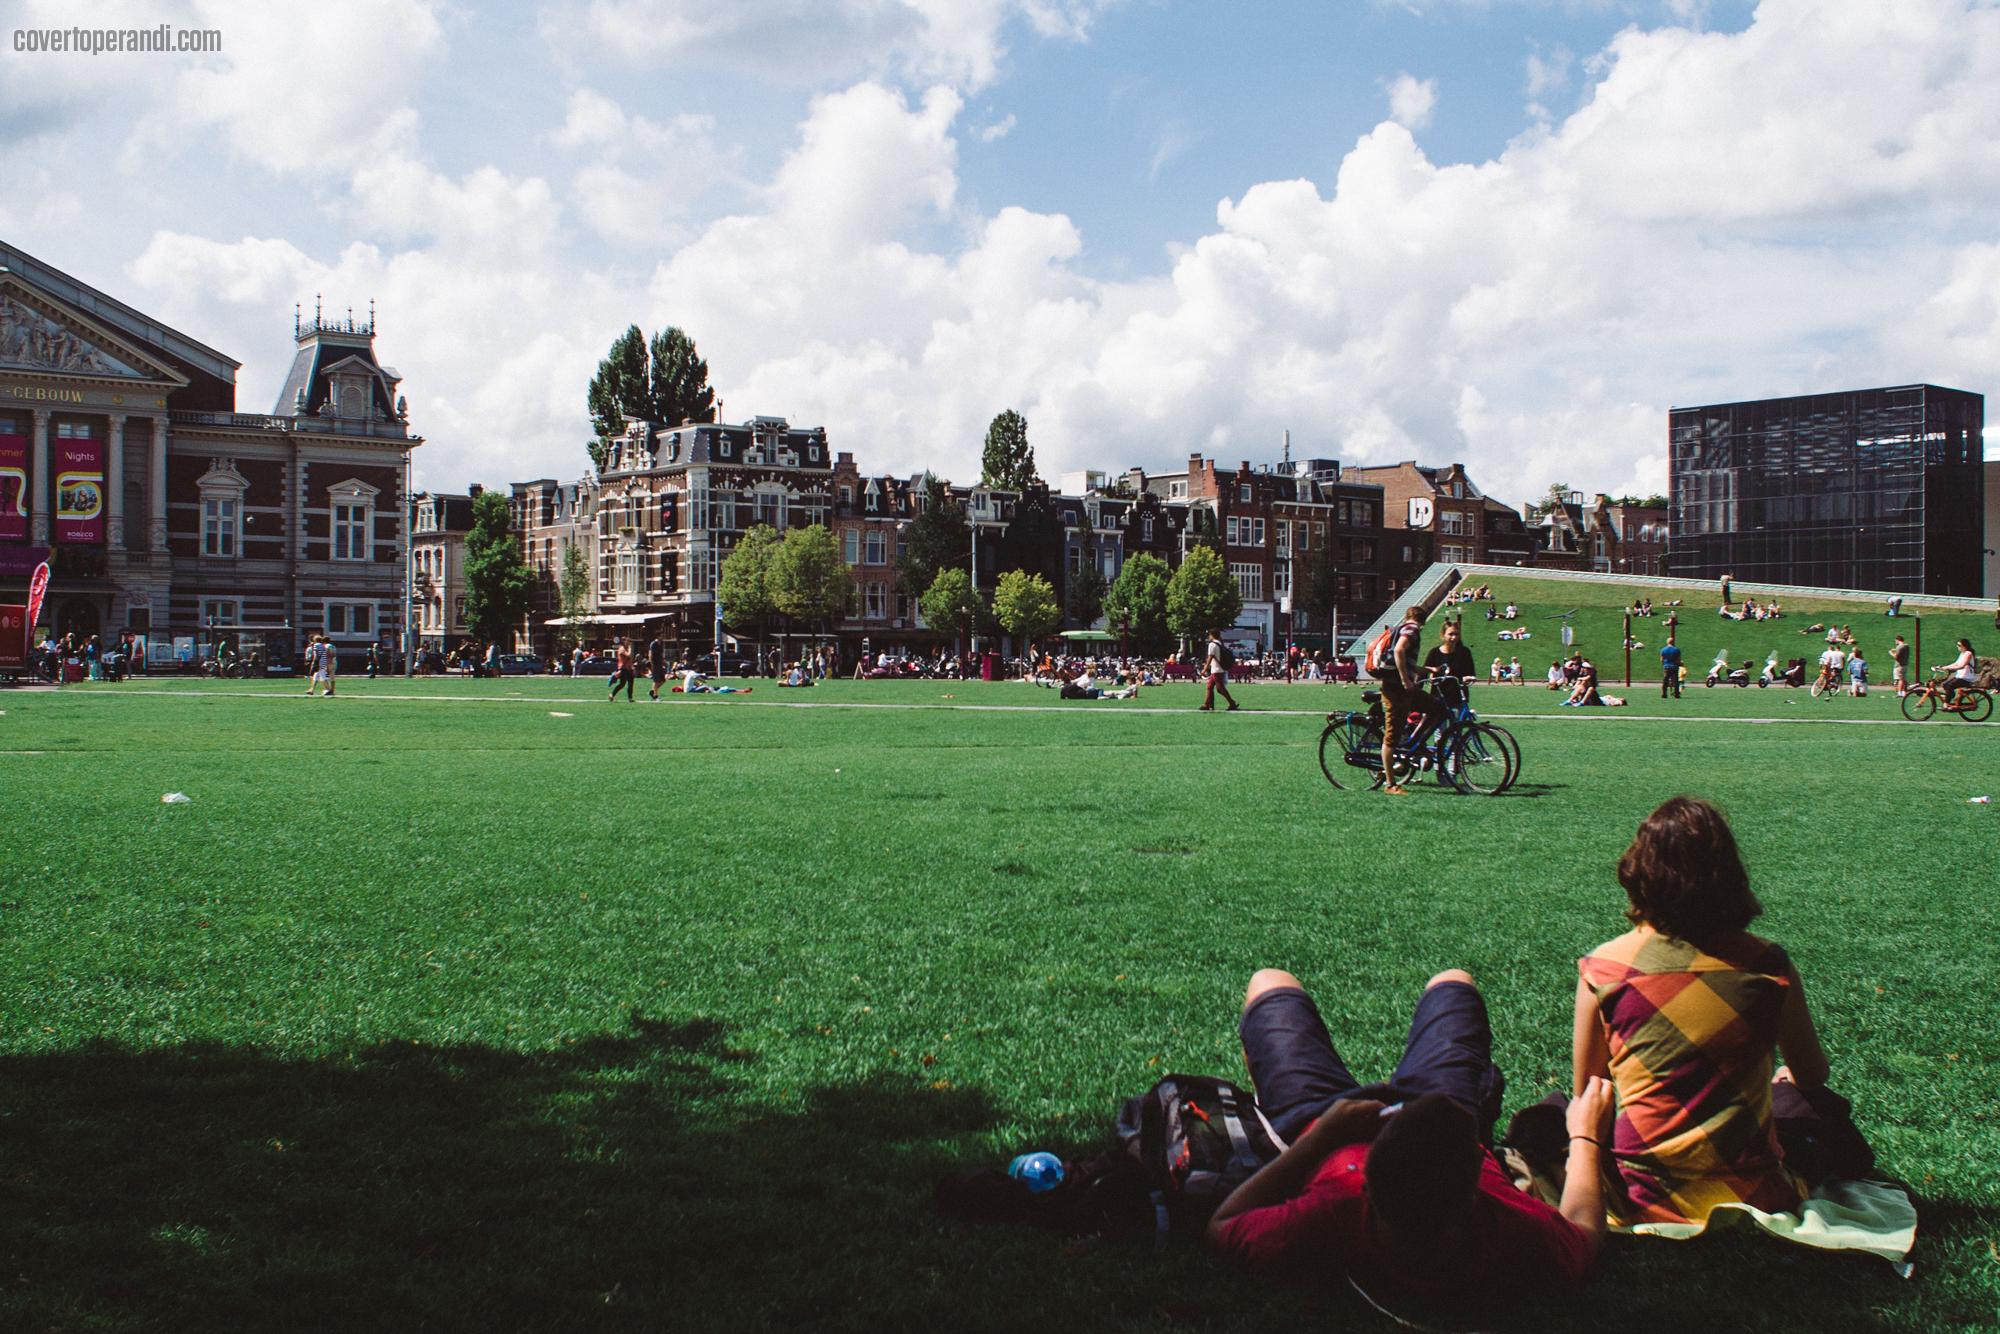 Covert Operandi - 2014 Amsterdam-45.jpg